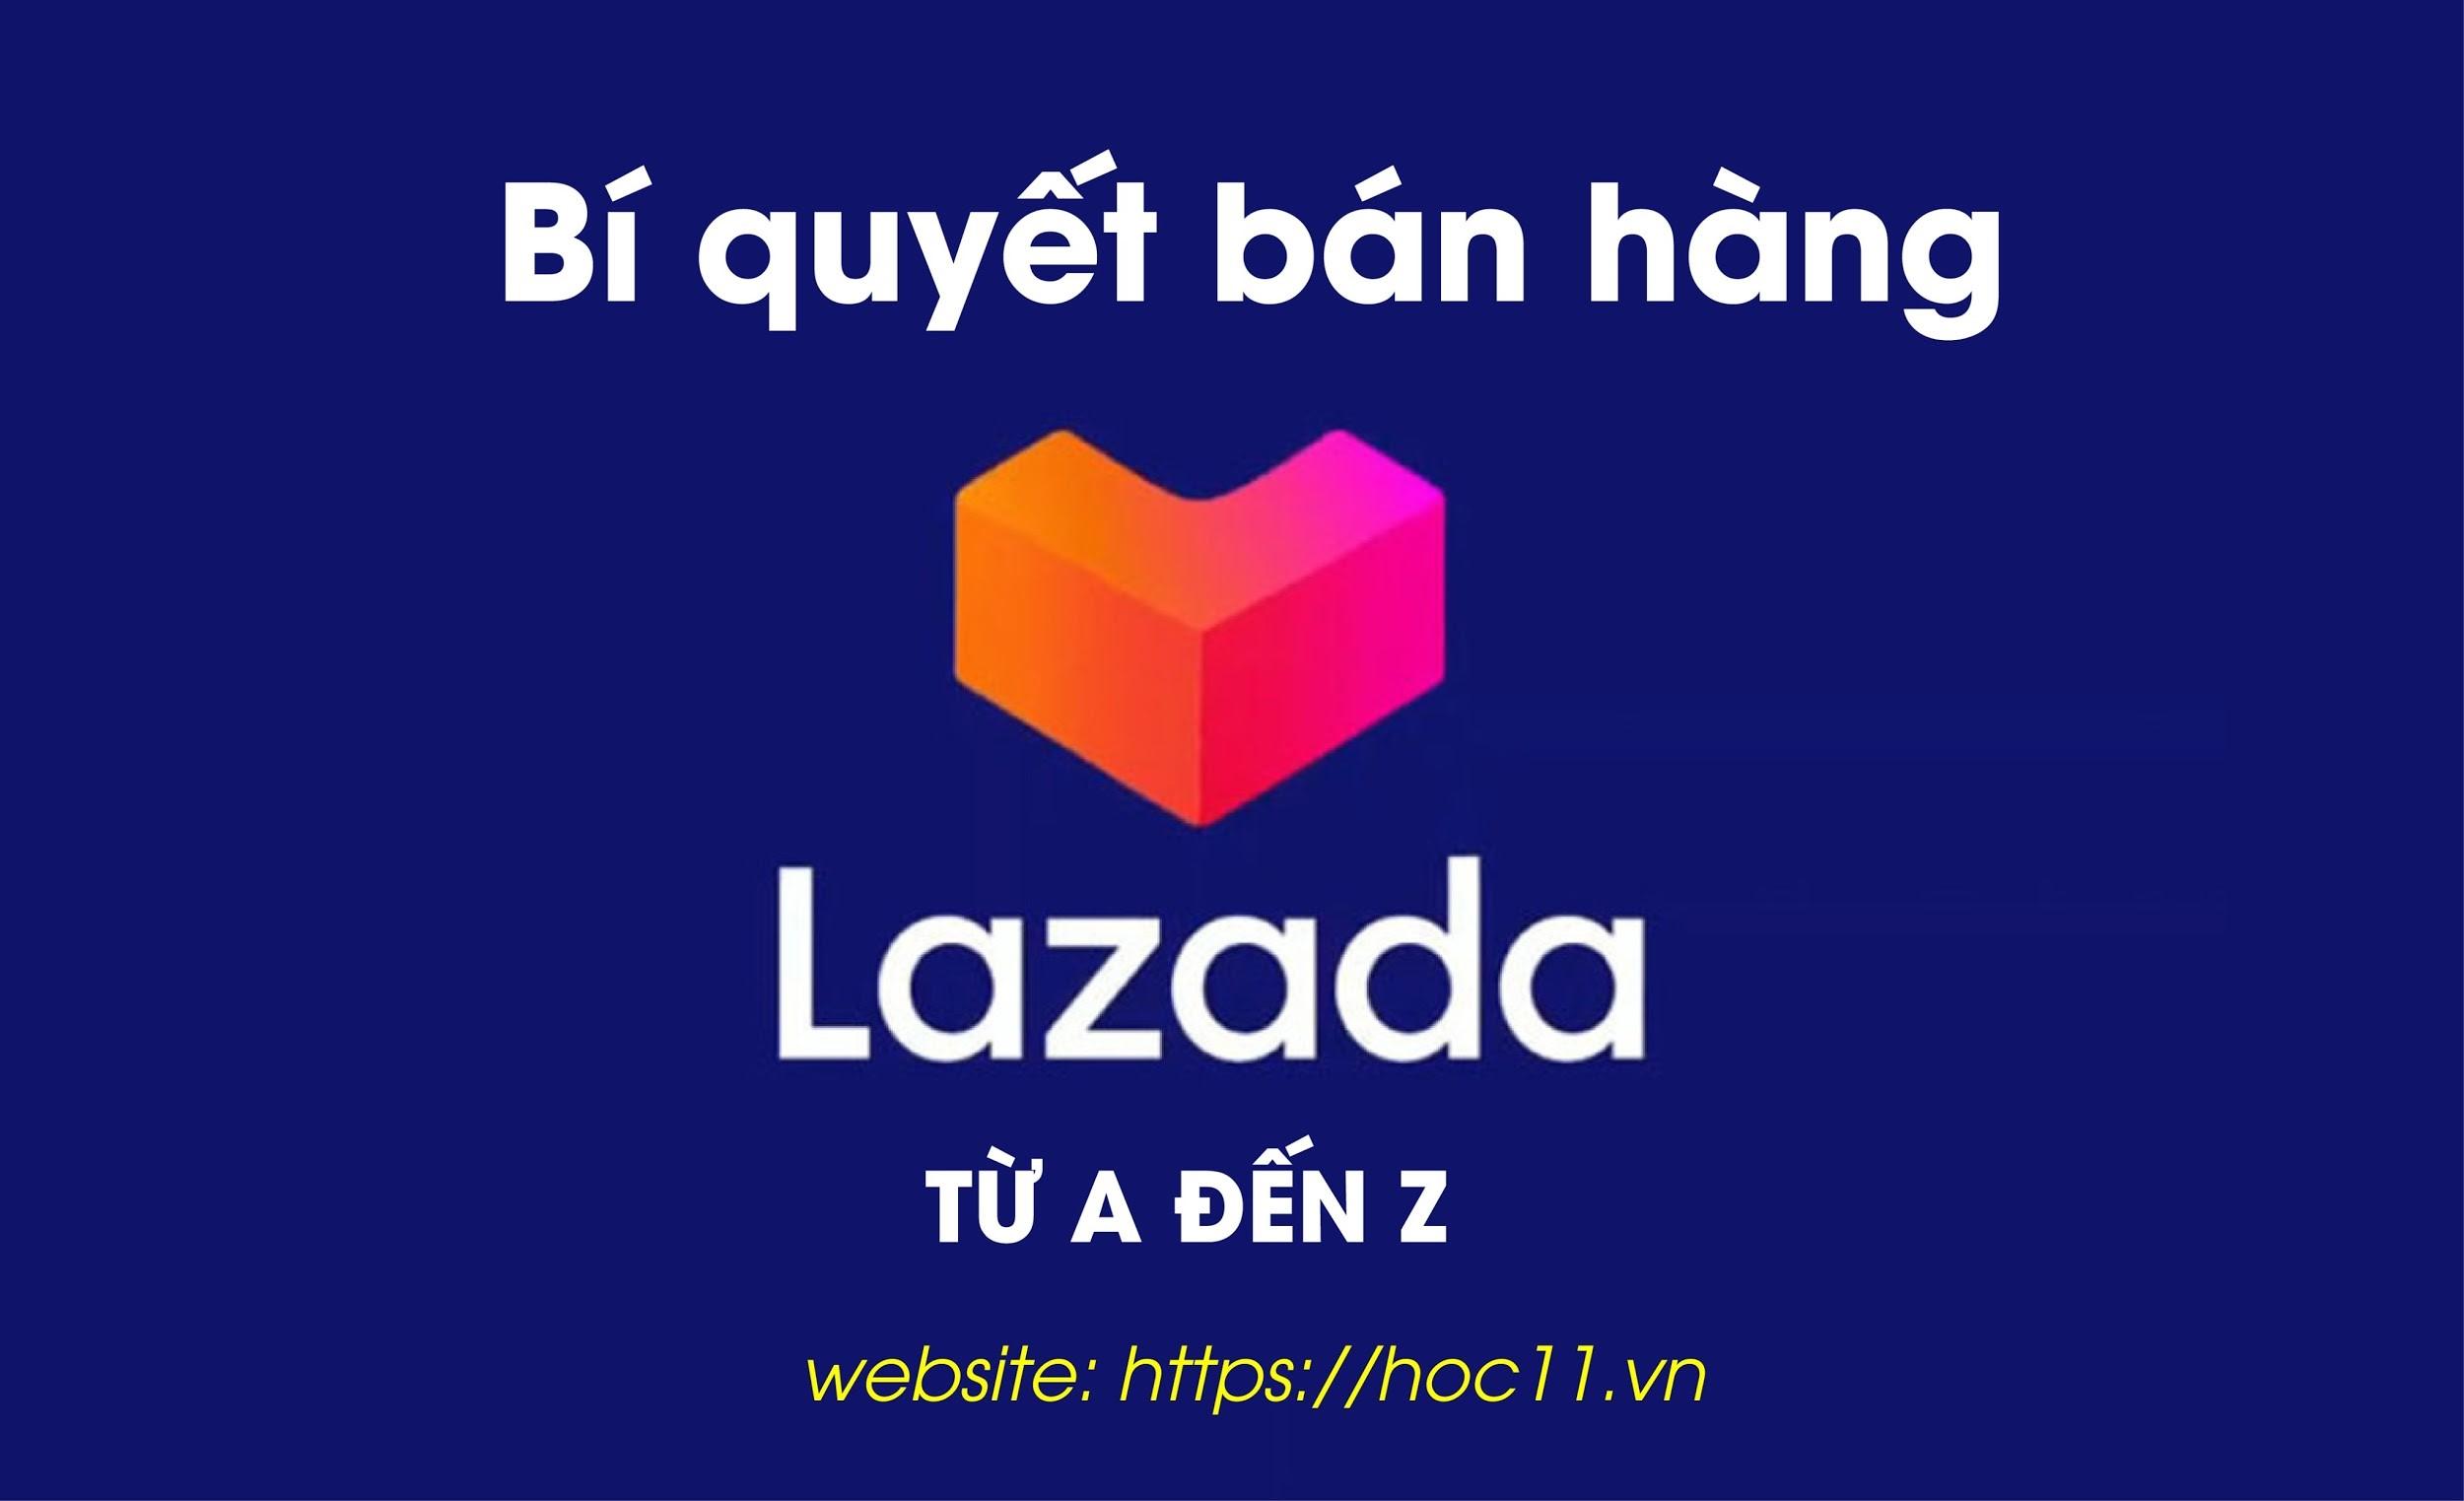 Bí quyết bán hàng Lazada từ A đến Z